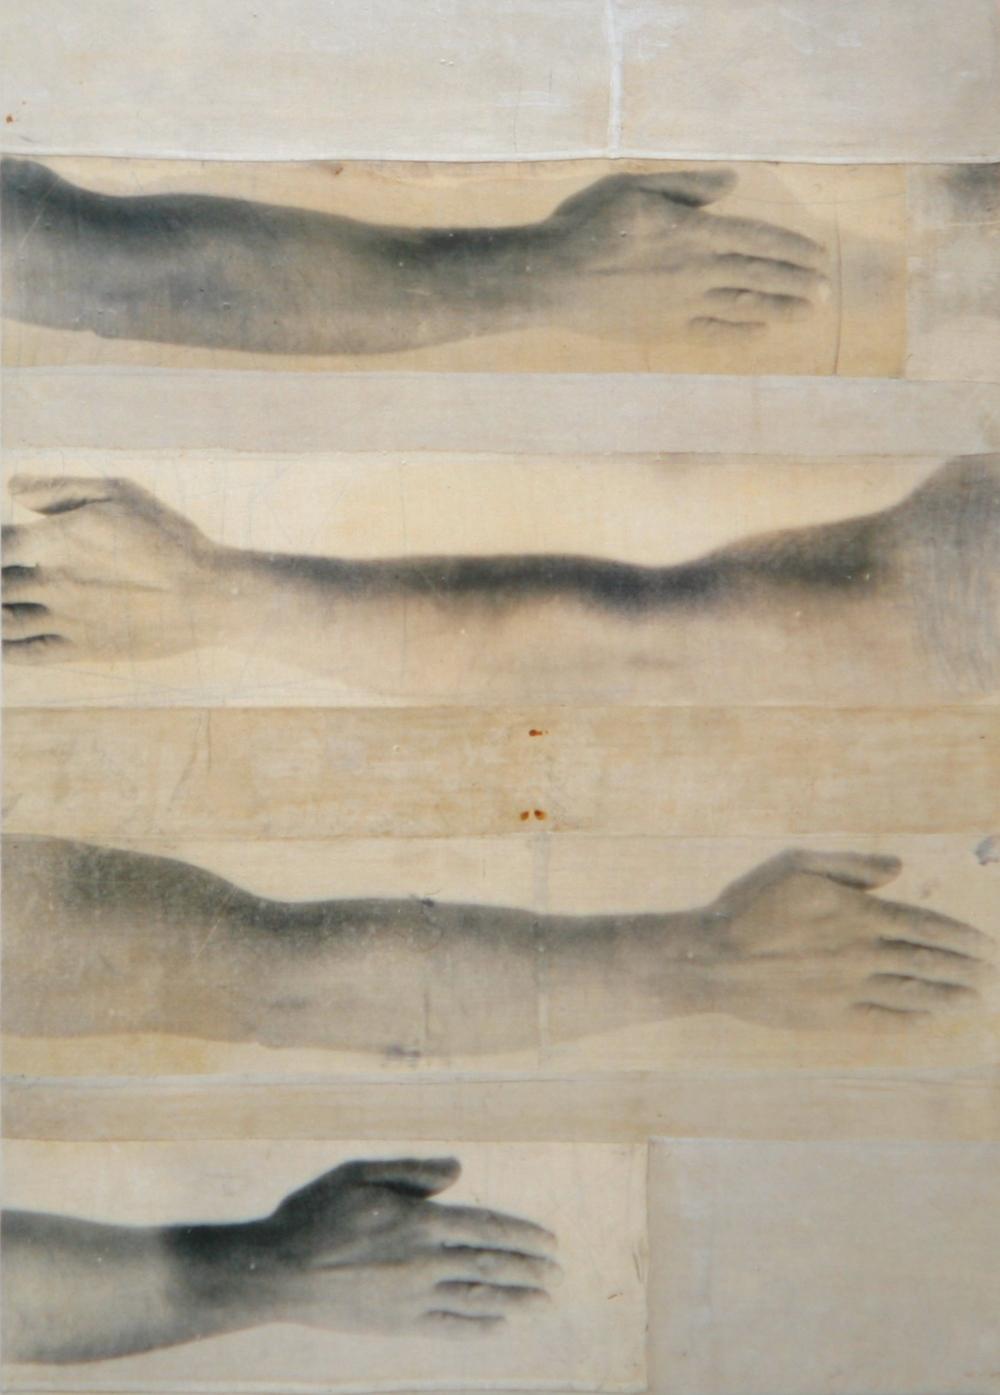 Senza titolo, 1997  Emulsione fotografica, colla e tela su legno  cm. 140 x 100